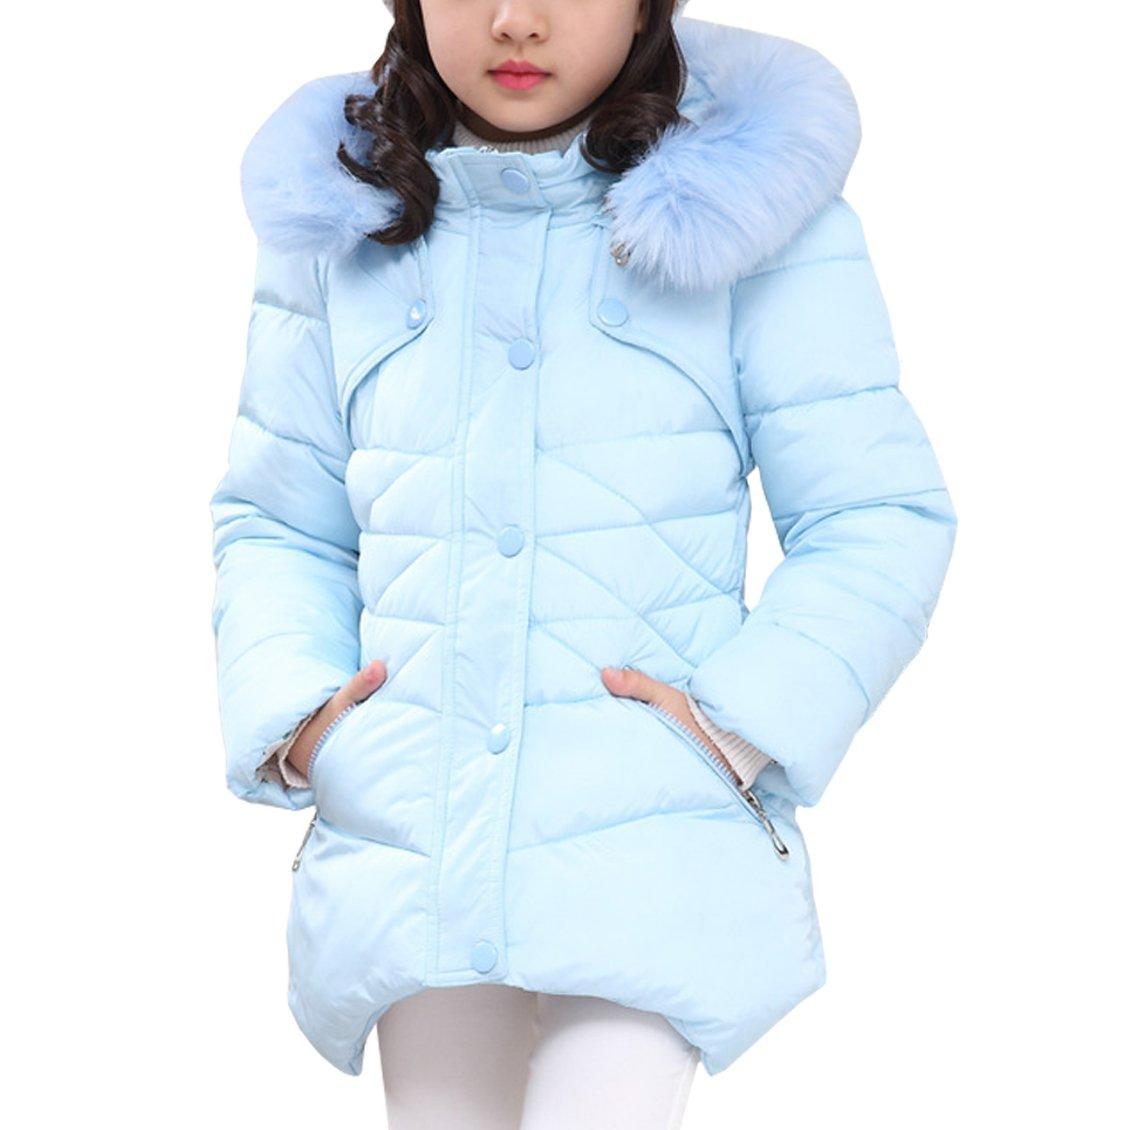 ff44ba7da118 AnKoee Little Girls Jacket Girls Kids Coat Windbreaker Outwear Warm ...